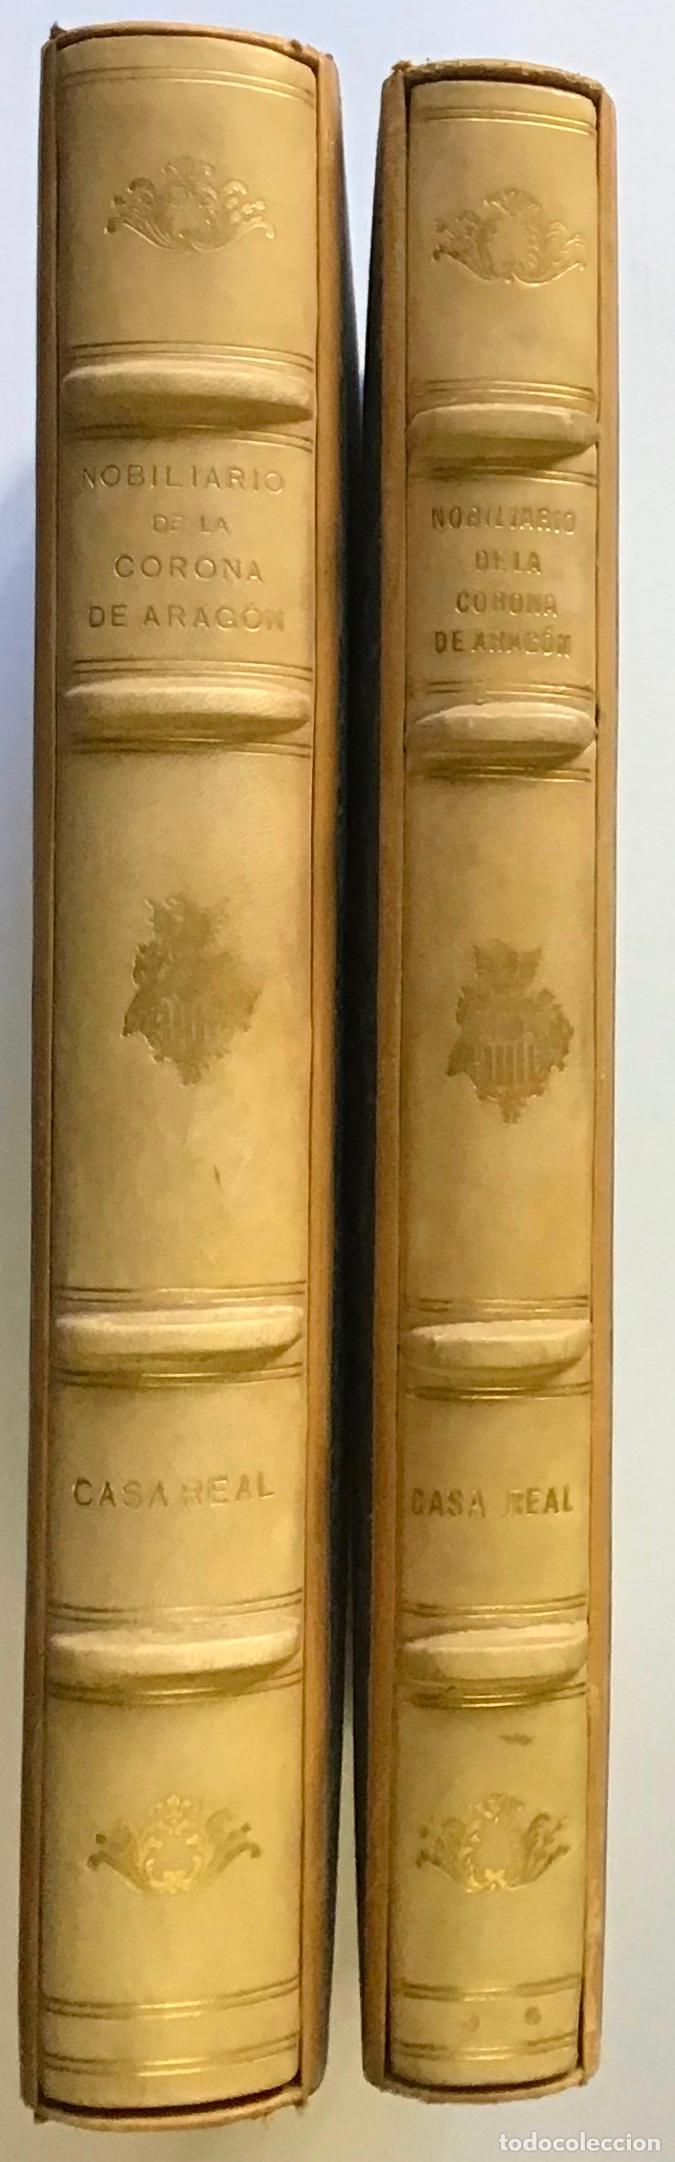 NOBILIARIO DE LA CORONA DE ARAGÓN. CASA REAL. EDICIÓN DE 300 EJEMPLARES. MIRALBELL CONDEMINAS (Libros antiguos (hasta 1936), raros y curiosos - Historia Moderna)